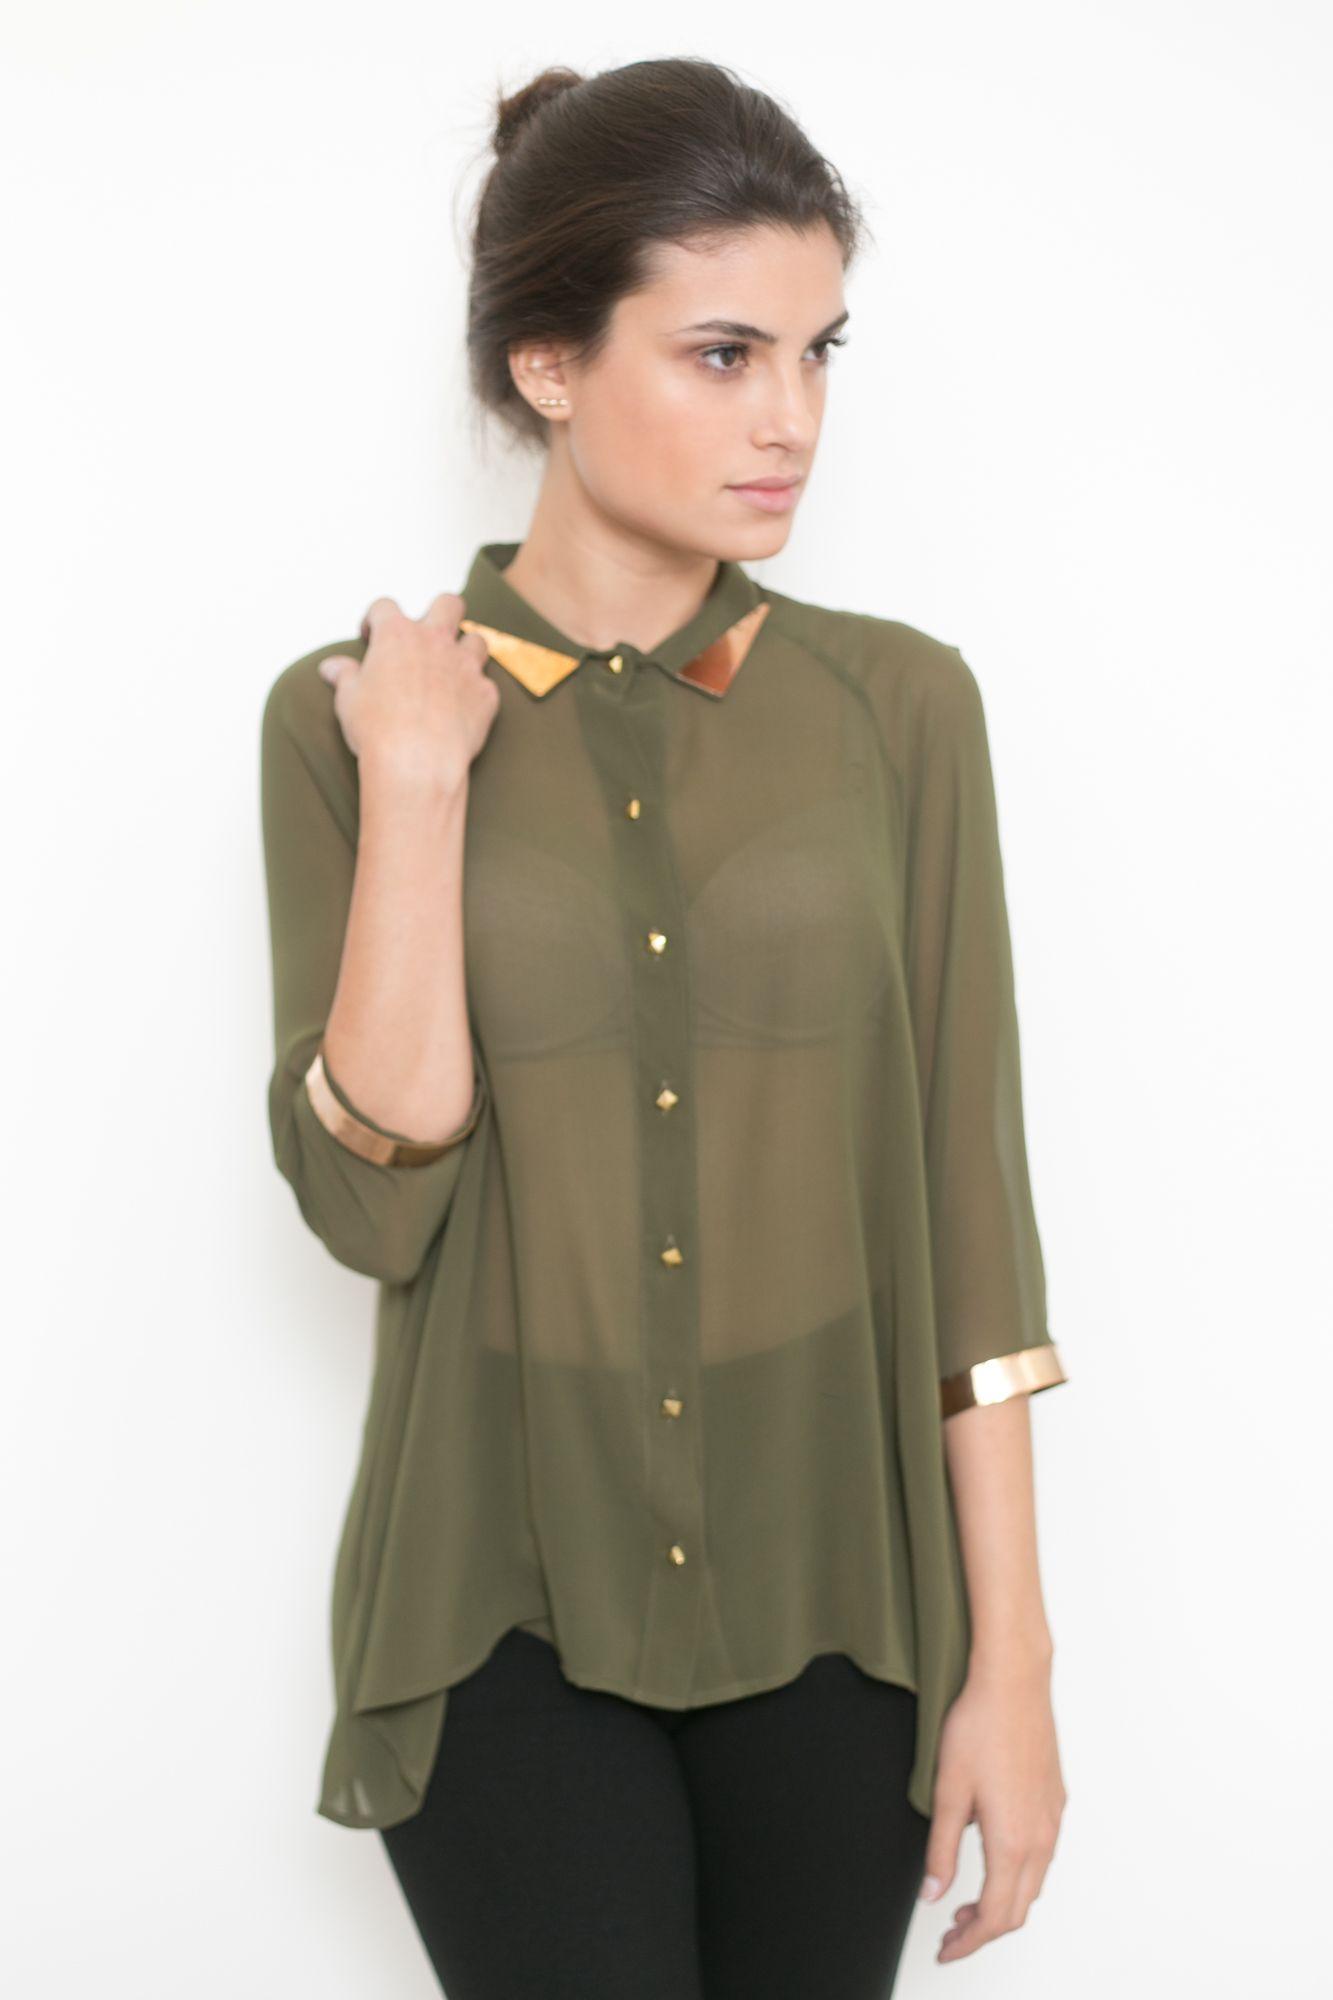 705b27e1a Camisa transparente verde militar com detalhes dourados na gola e ...